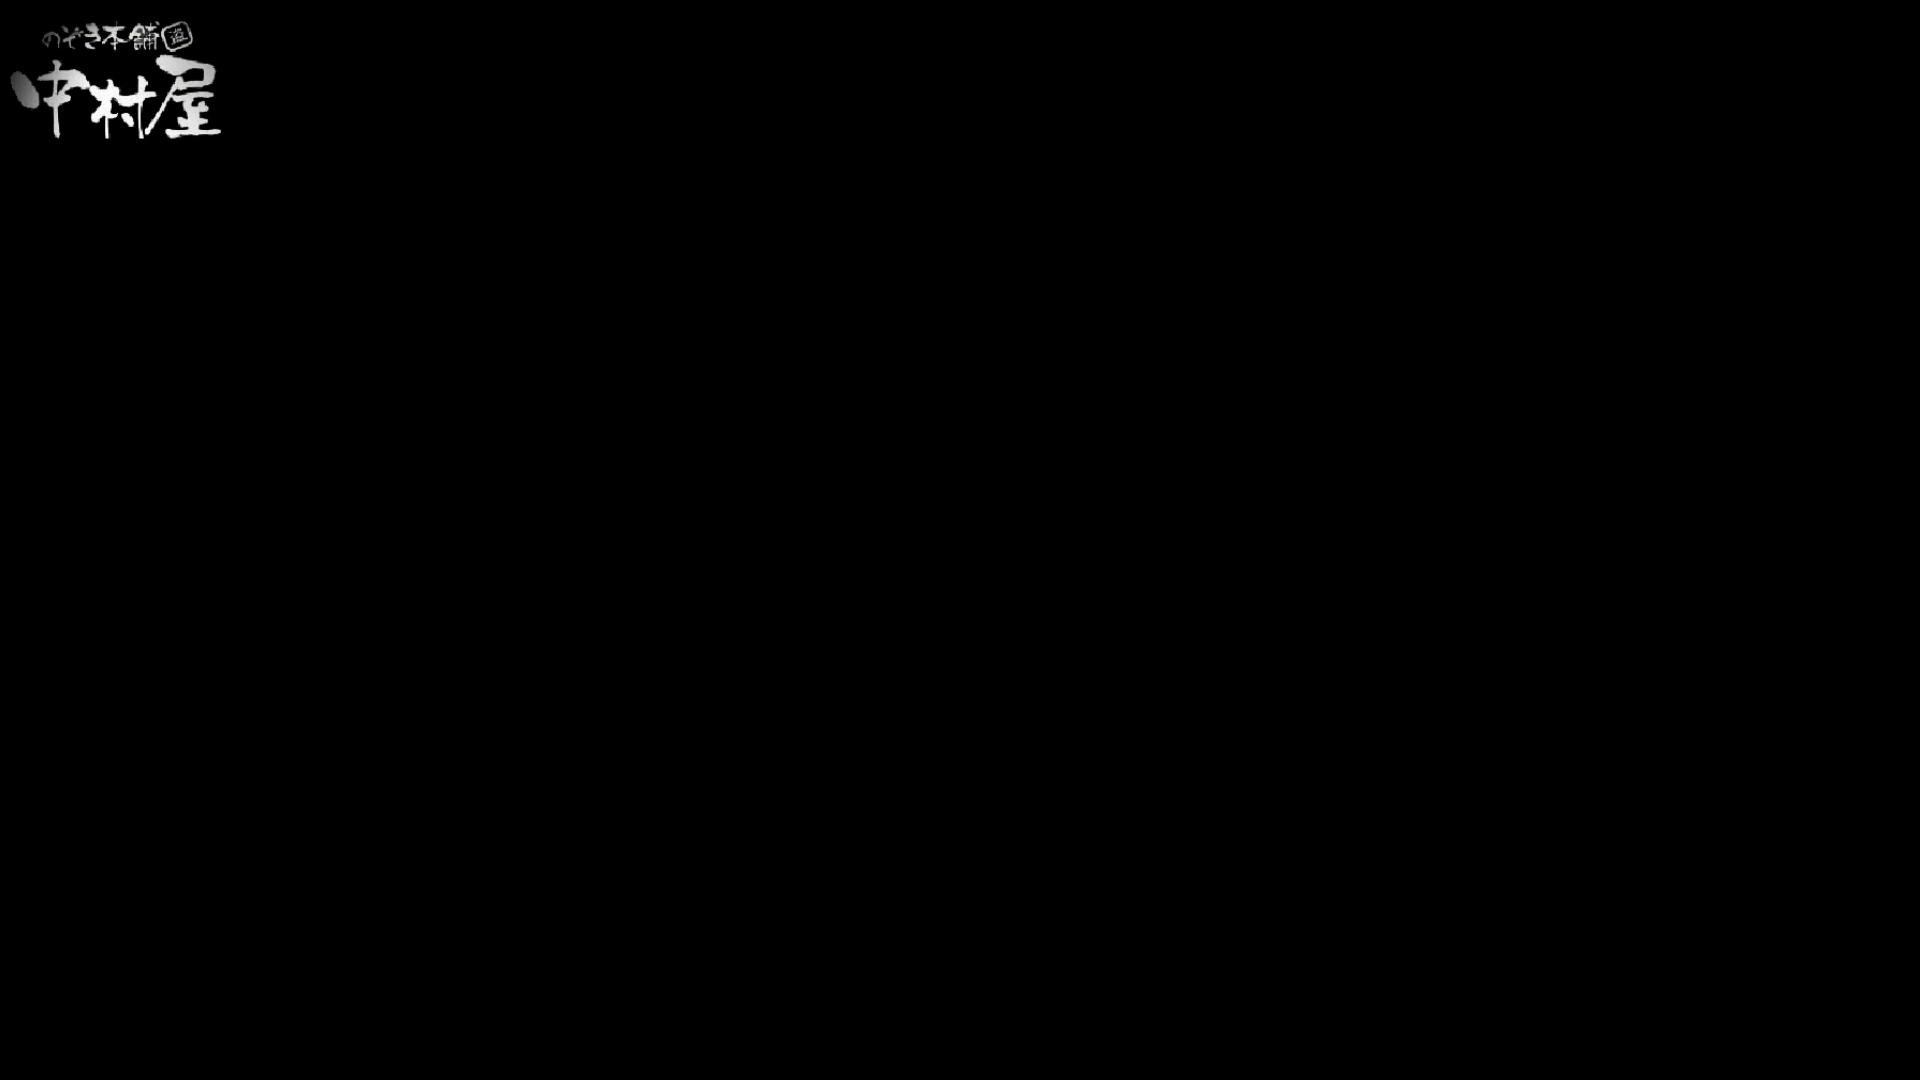 雅さんが厳選新年特別コンテンツ!激走!東京マラソン選手専用女子トイレvol.9 エロいOL オメコ動画キャプチャ 31枚